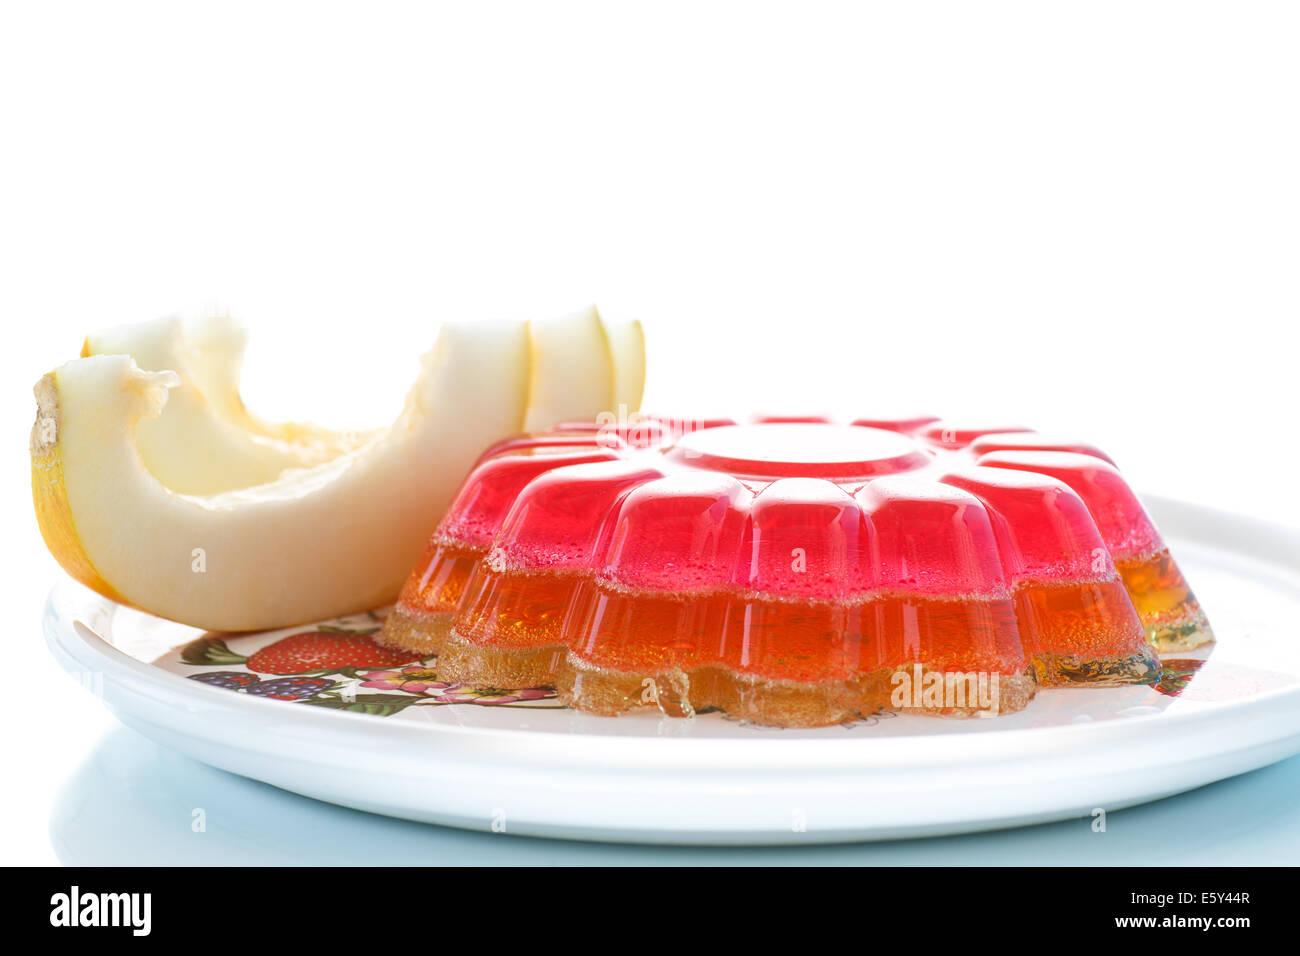 multi-layered fruit jelly isolated on white background - Stock Image